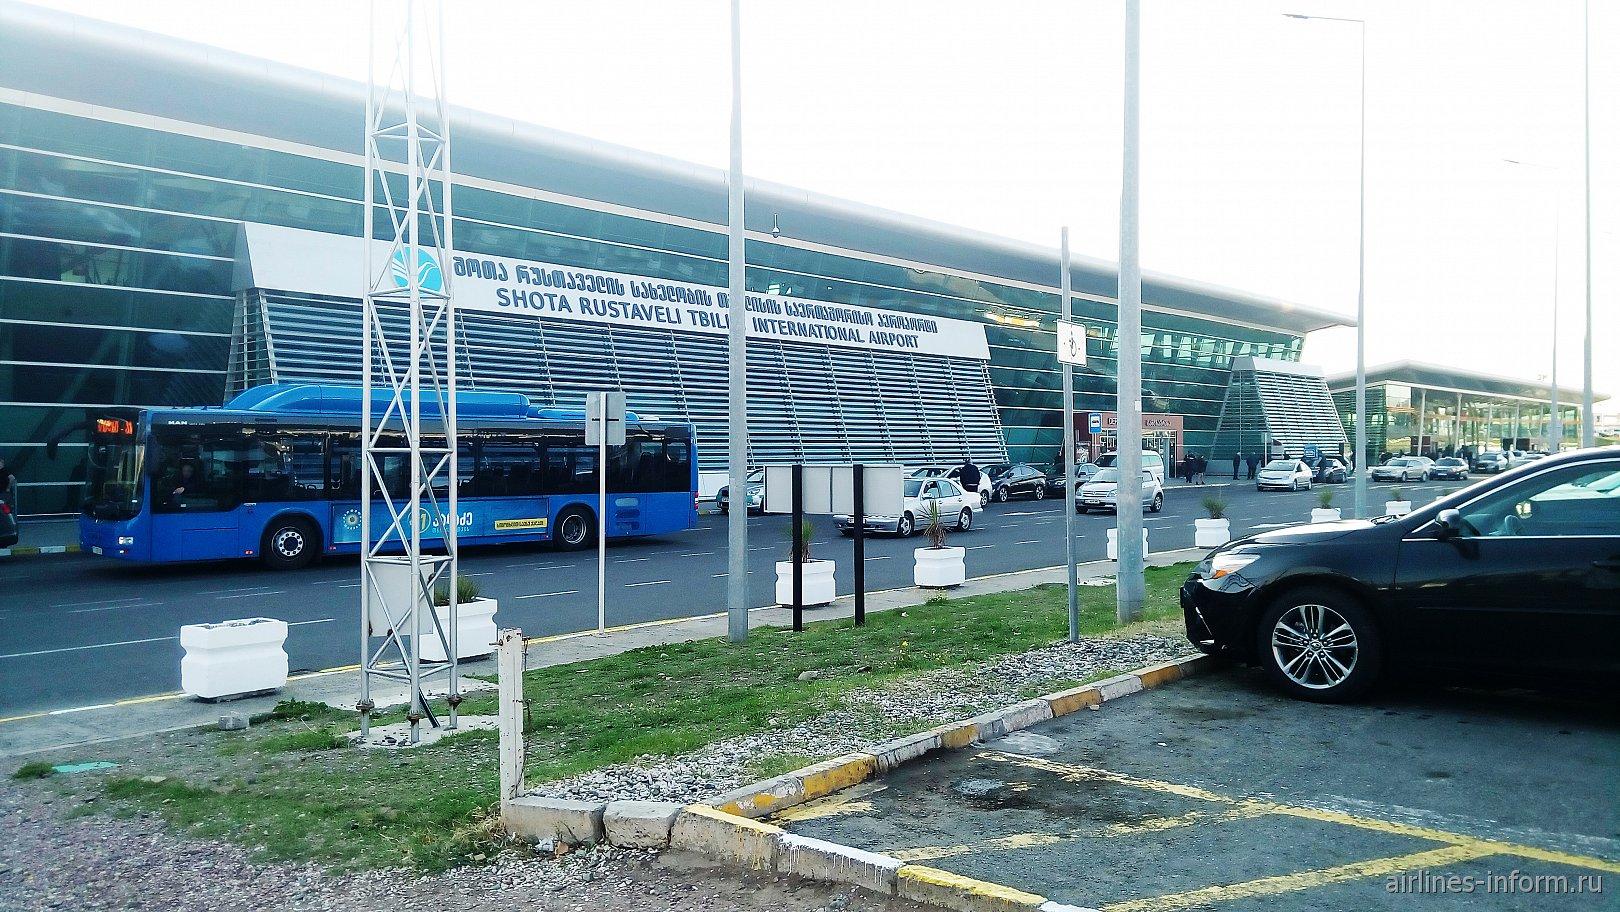 Аэропорт Тбилиси имени Шота Руставели